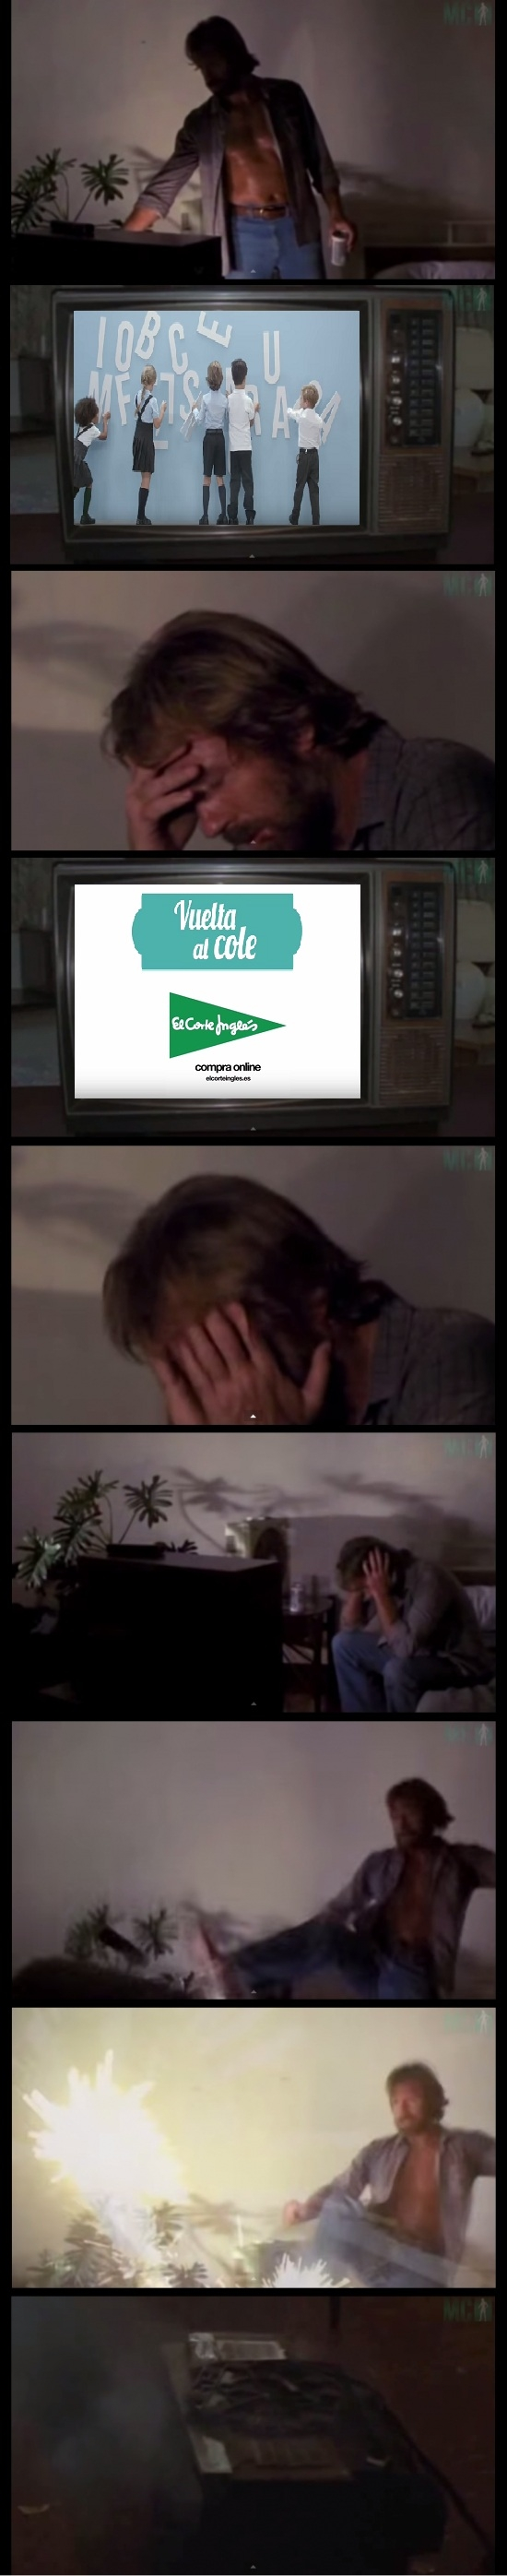 Otros - El anuncio de la vuelta al cole tampoco le gusta a Chuck Norris, le debe traer malos recuerdos...